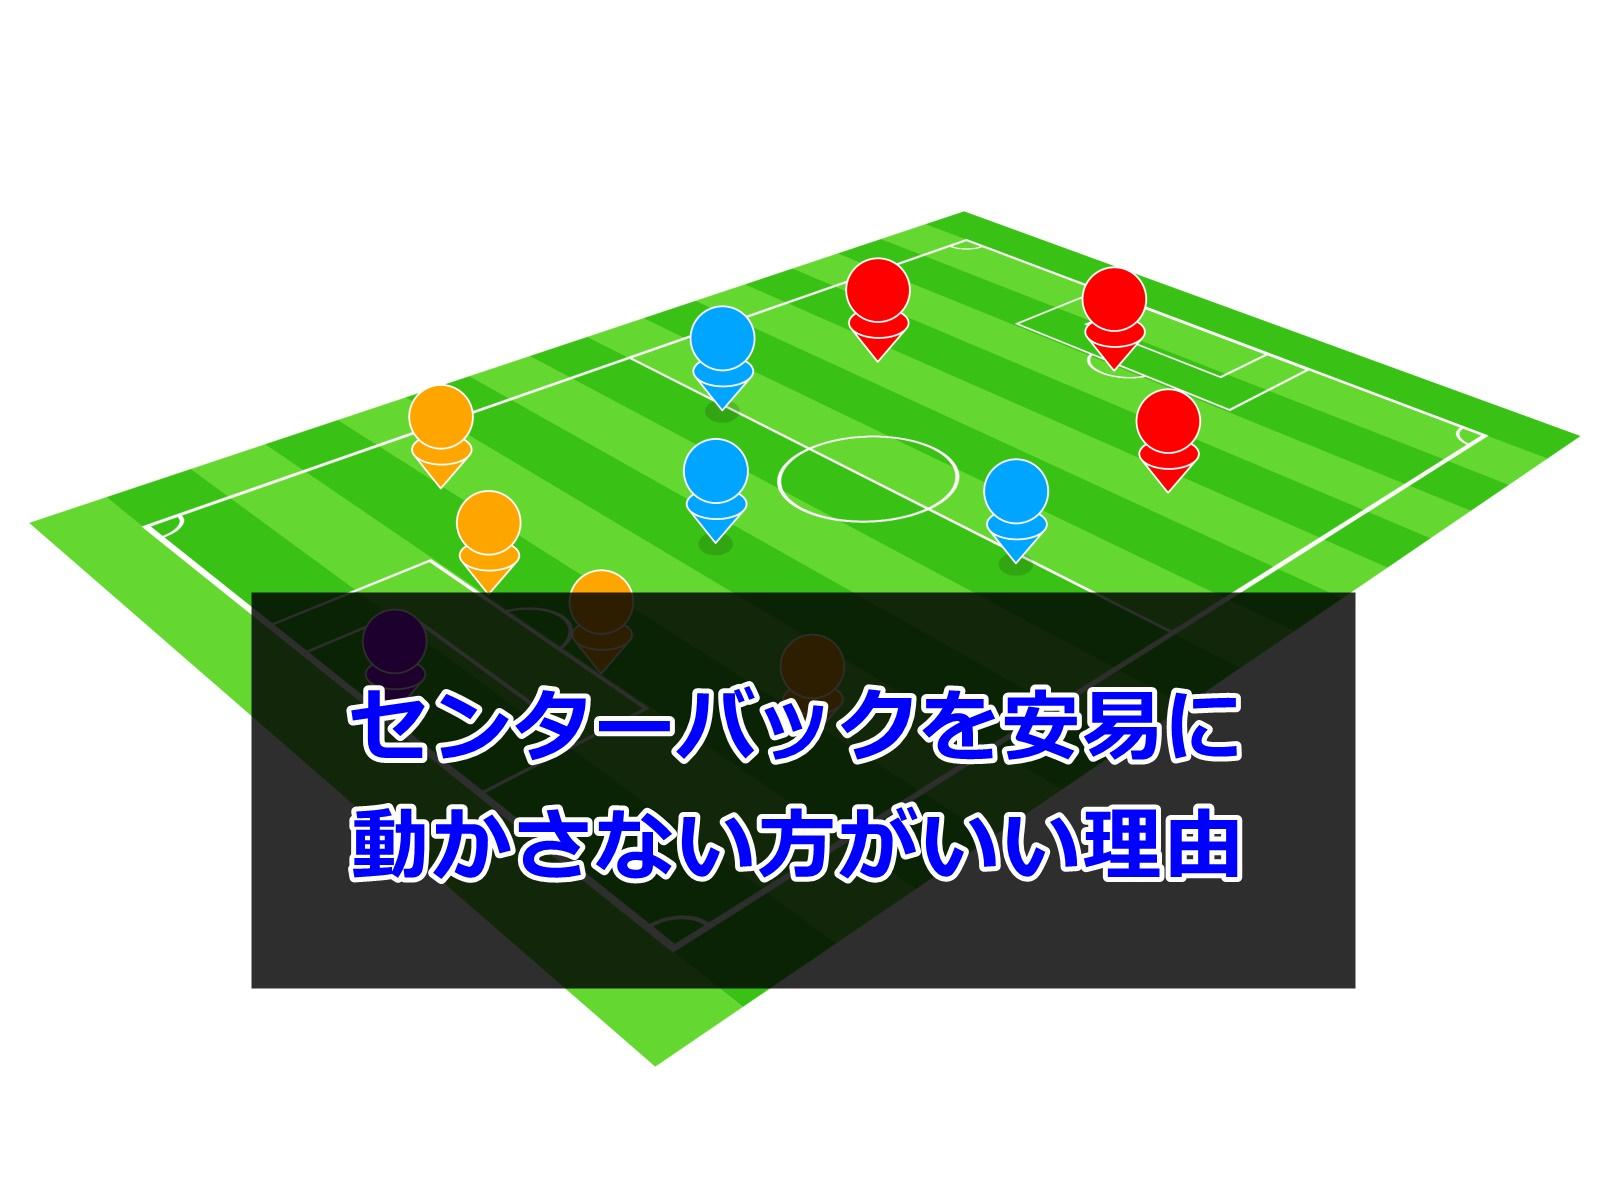 センターバックを安易に動かさない方がいい理由【FIFA20操作攻略室】